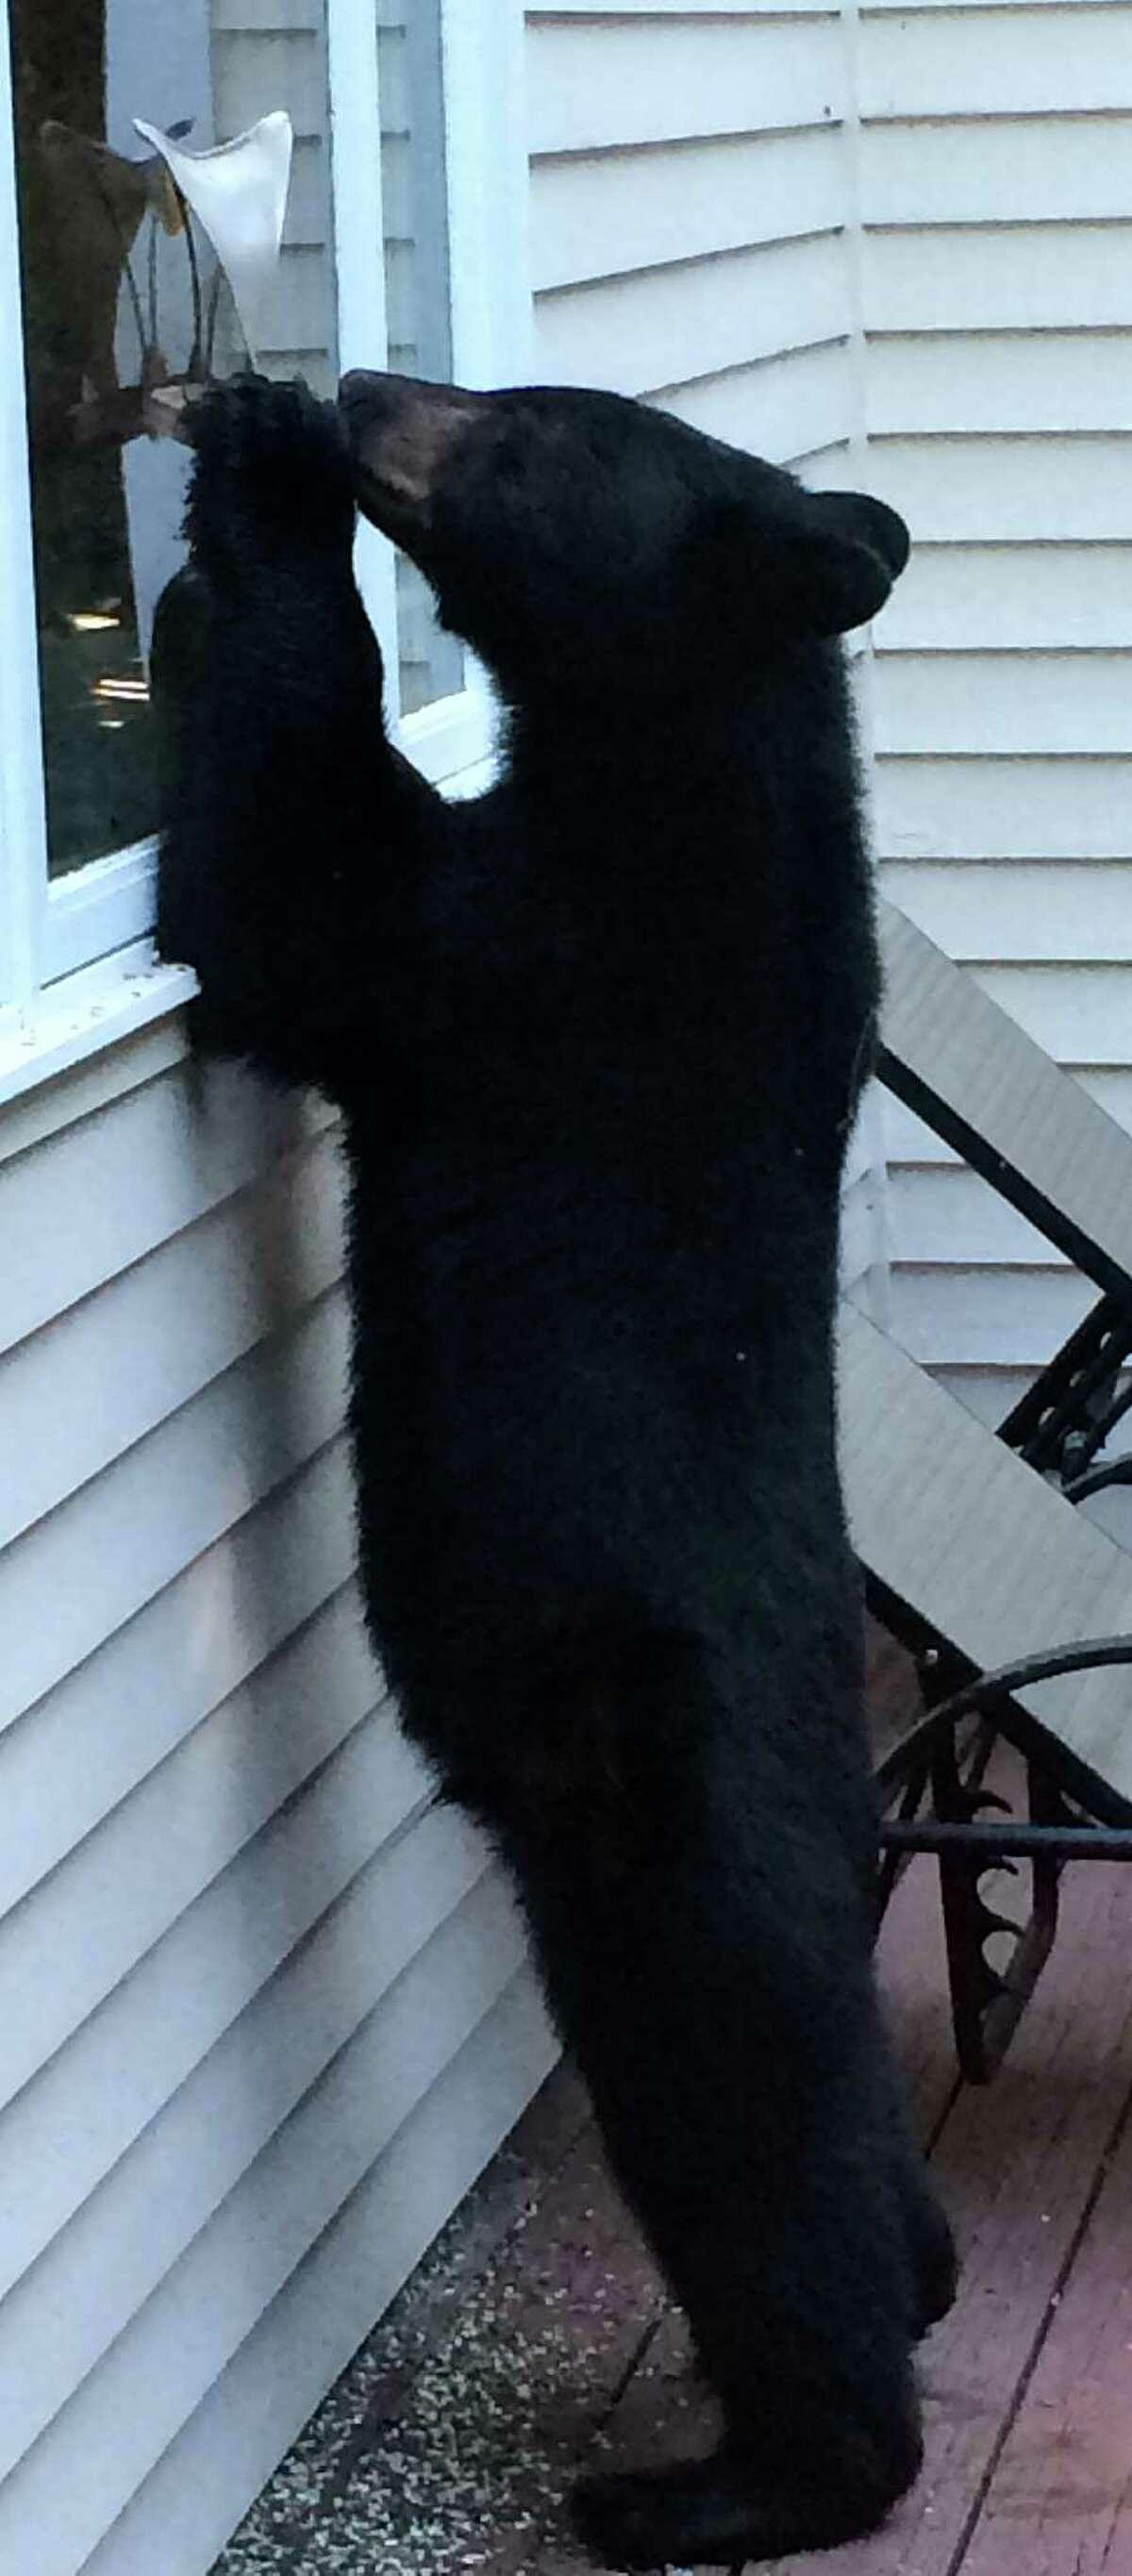 Bethel 14 bear sightings (5/31/17-5/21/18)